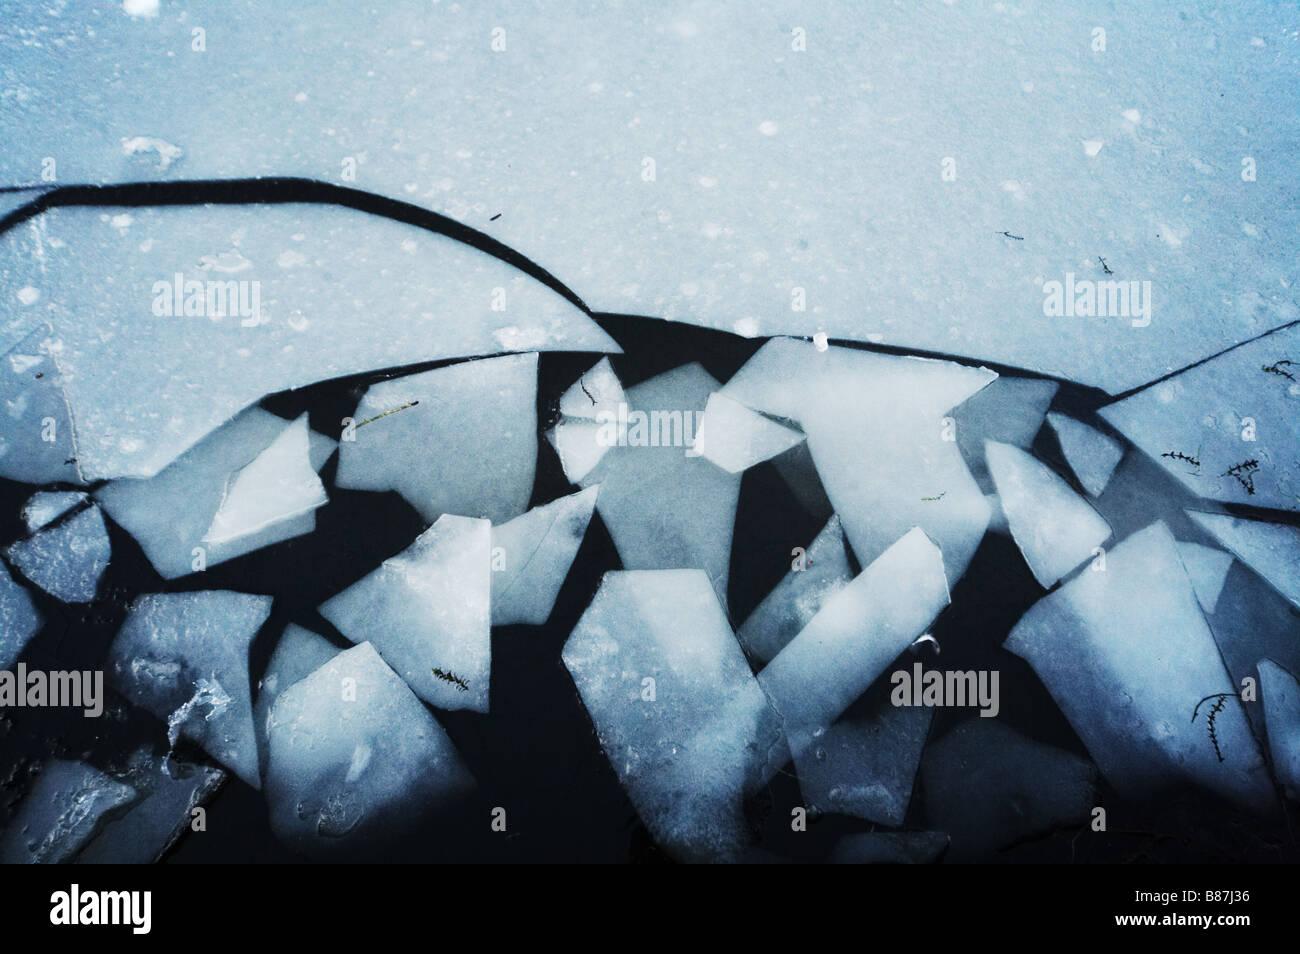 Hampstead Heath Londra uk lago di acqua di stagno di ghiaccio rotto pericolo pericolosi pericolosi pericolo la salute Immagini Stock